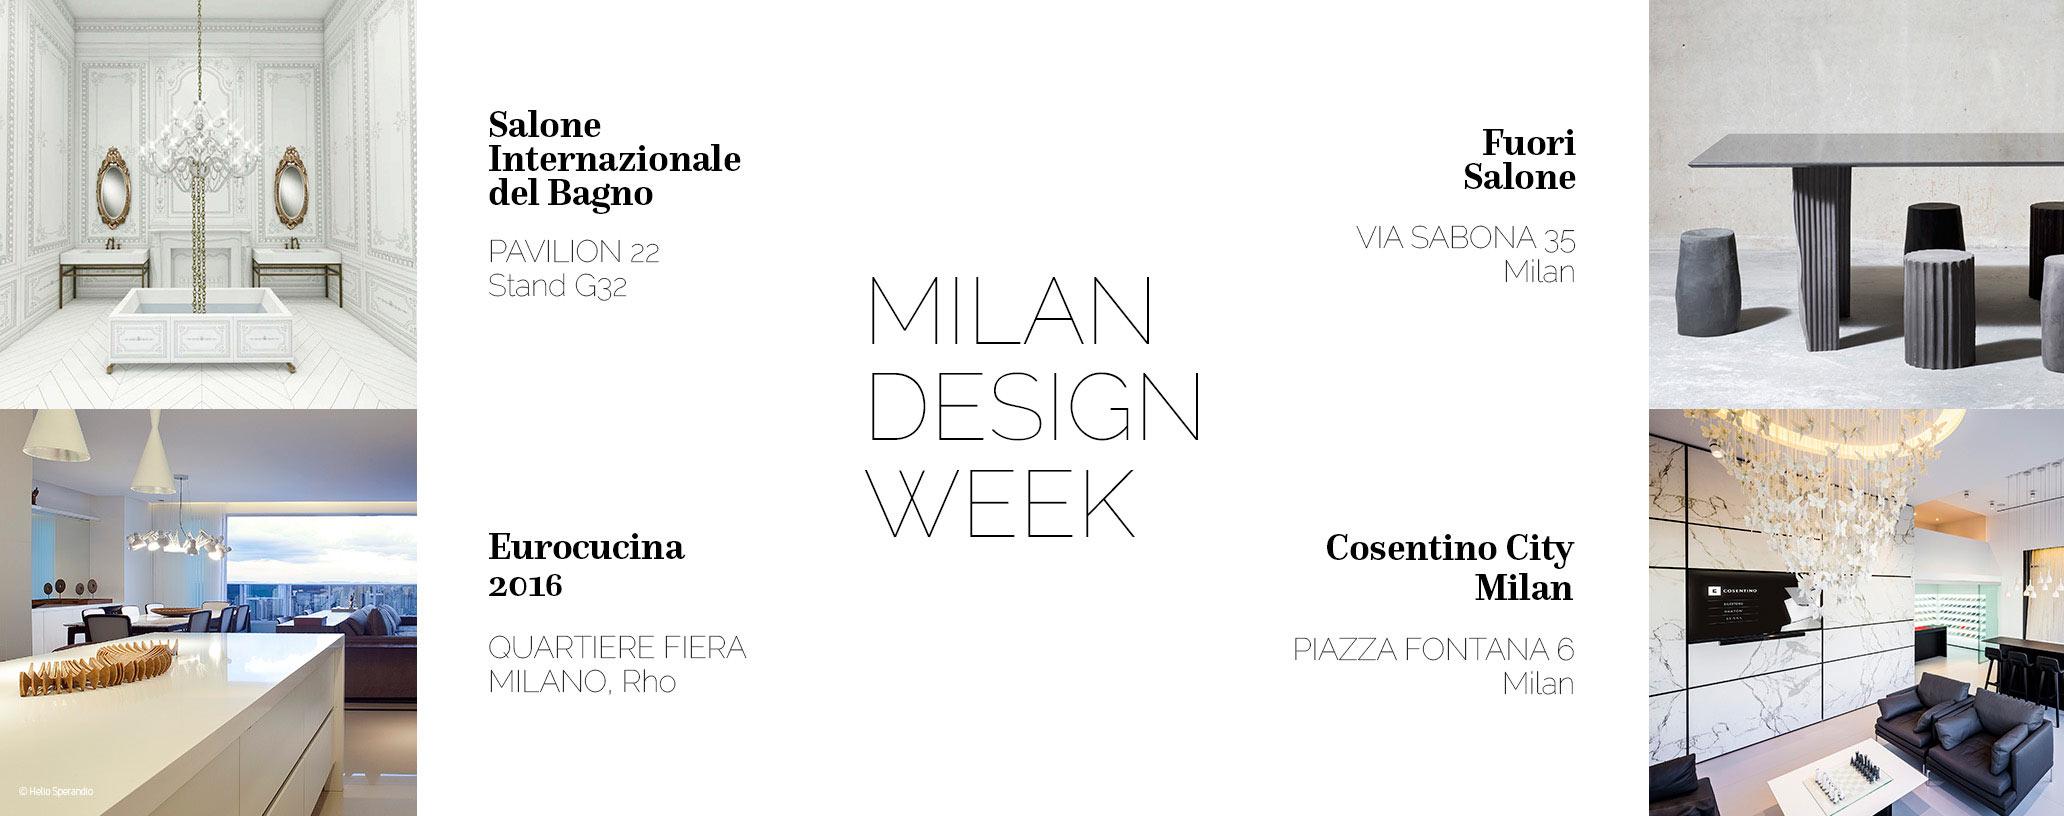 Semaine de la mode de milan 2016 for Milano week design